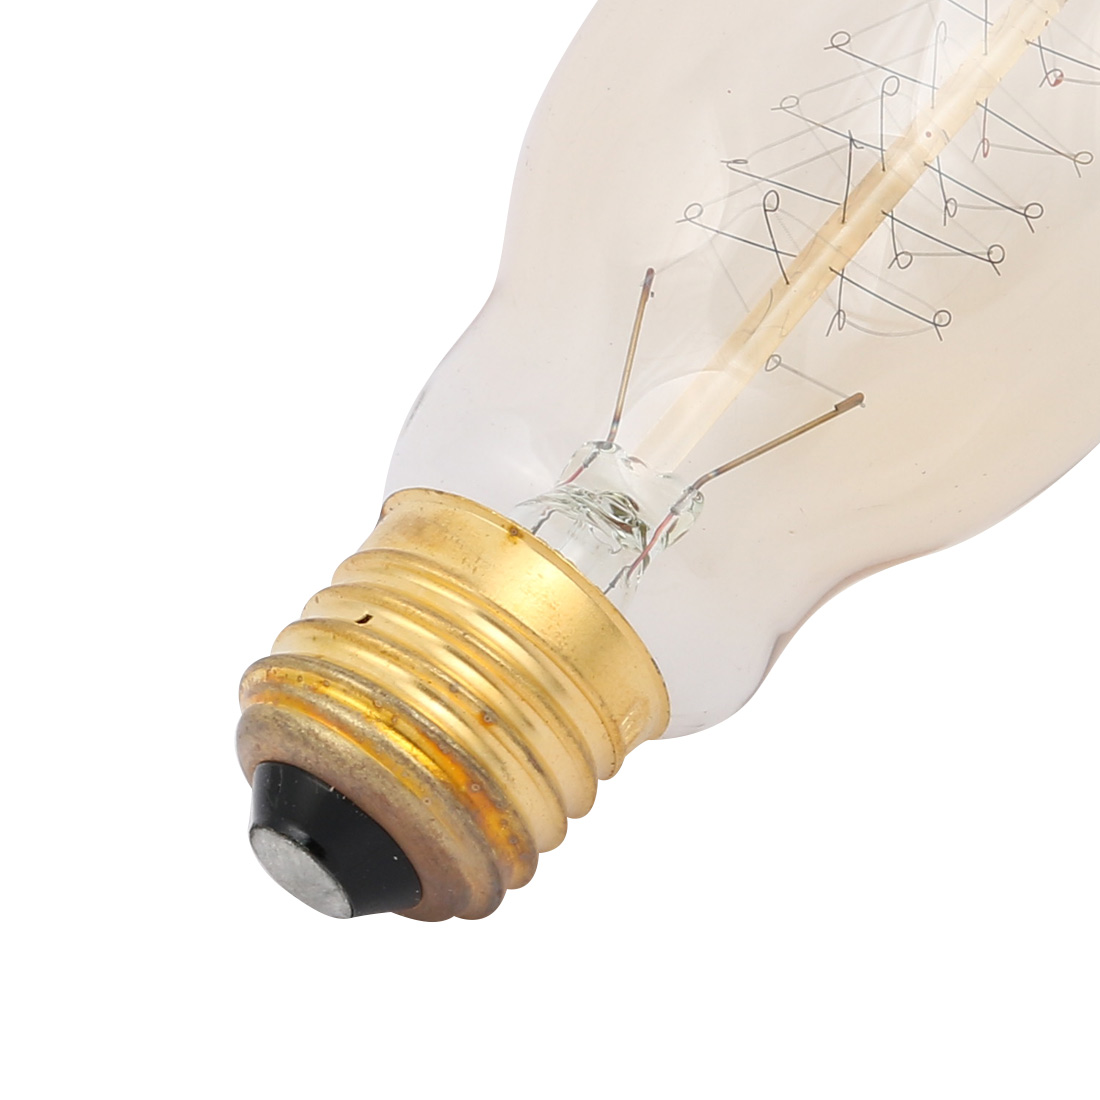 BT75 40W 2200K Vintage Edison Bulb Filament Light Antique Style E27 Base - image 1 of 2